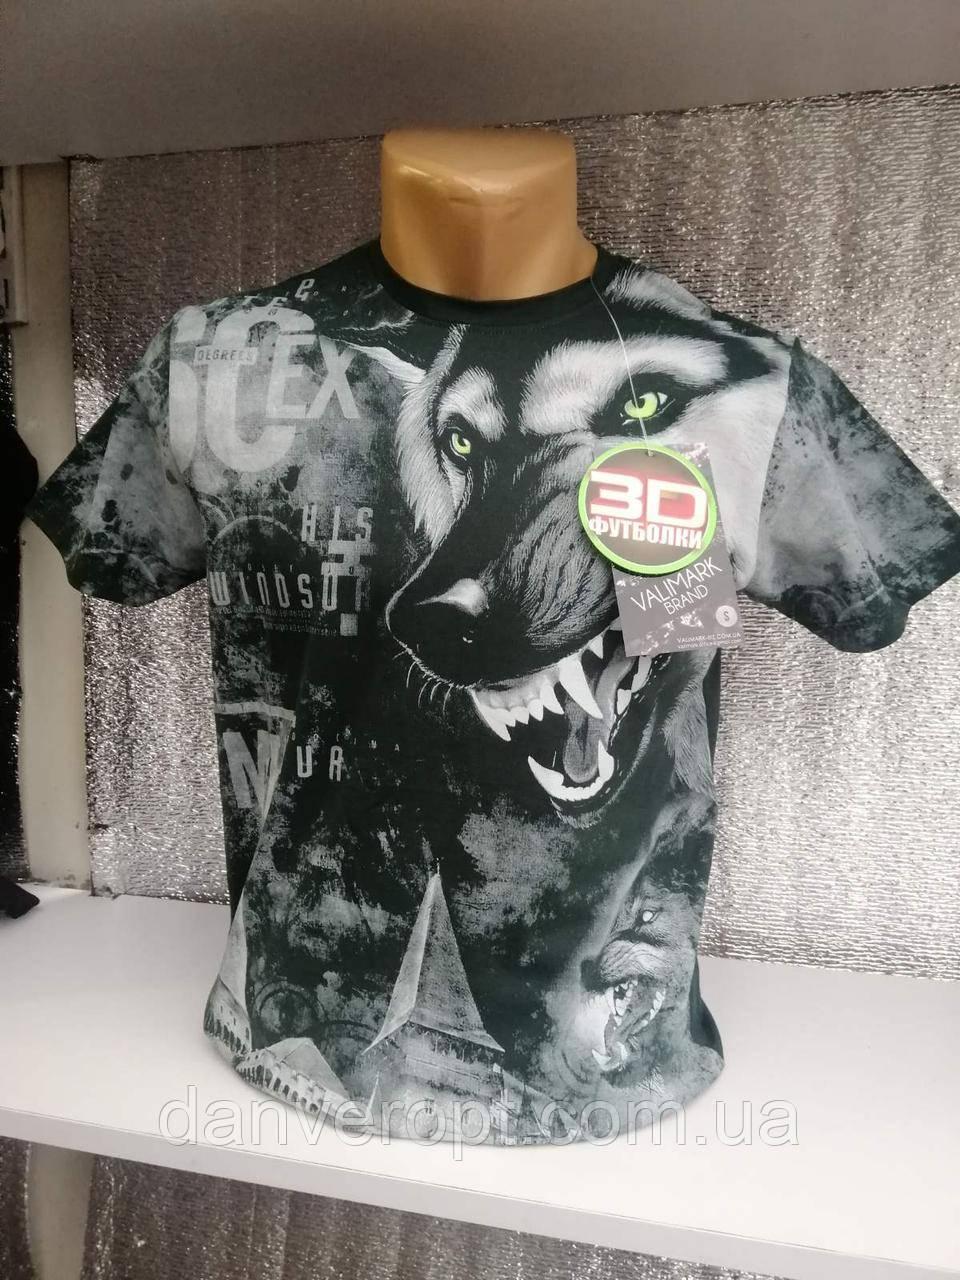 Футболка чоловіча модна стильна 3D принтом розмір S-XL купити оптом зі складу 7км Одеса